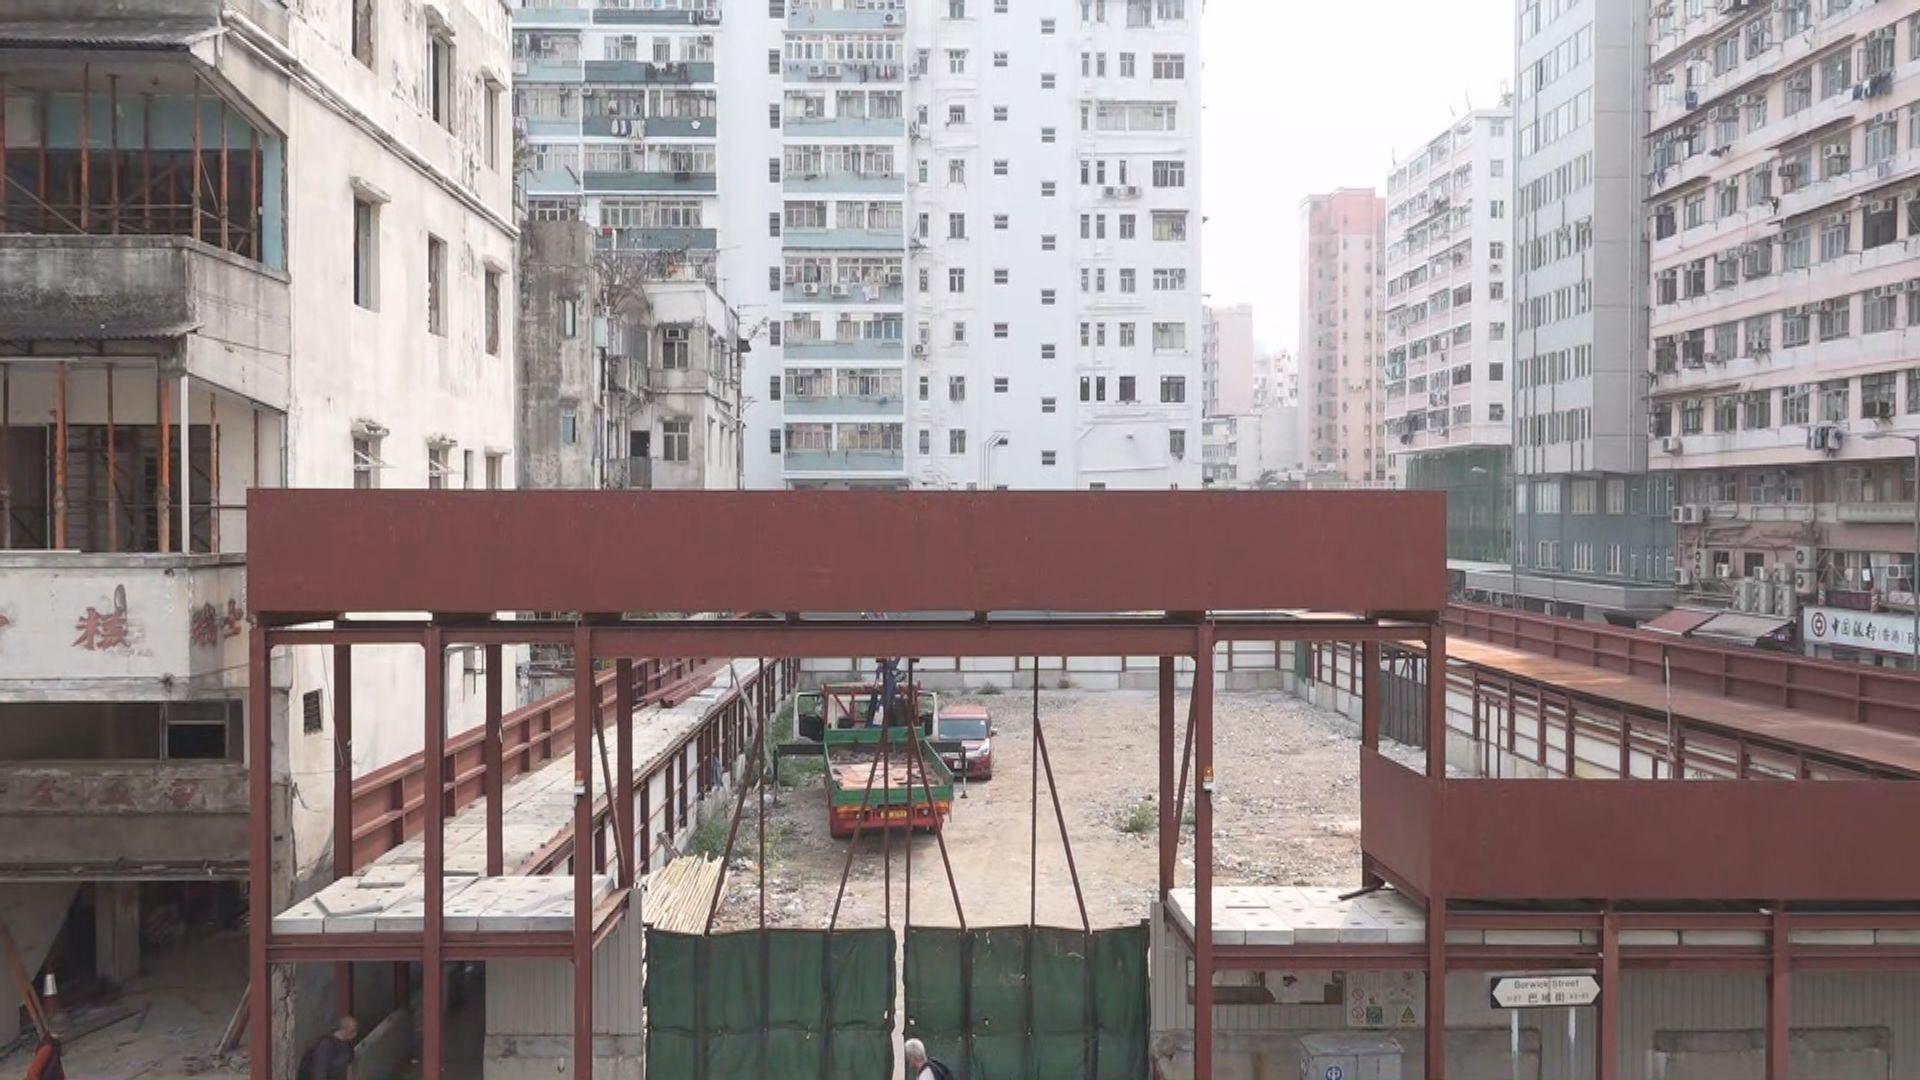 【預算案】預留20億興建過渡性房屋